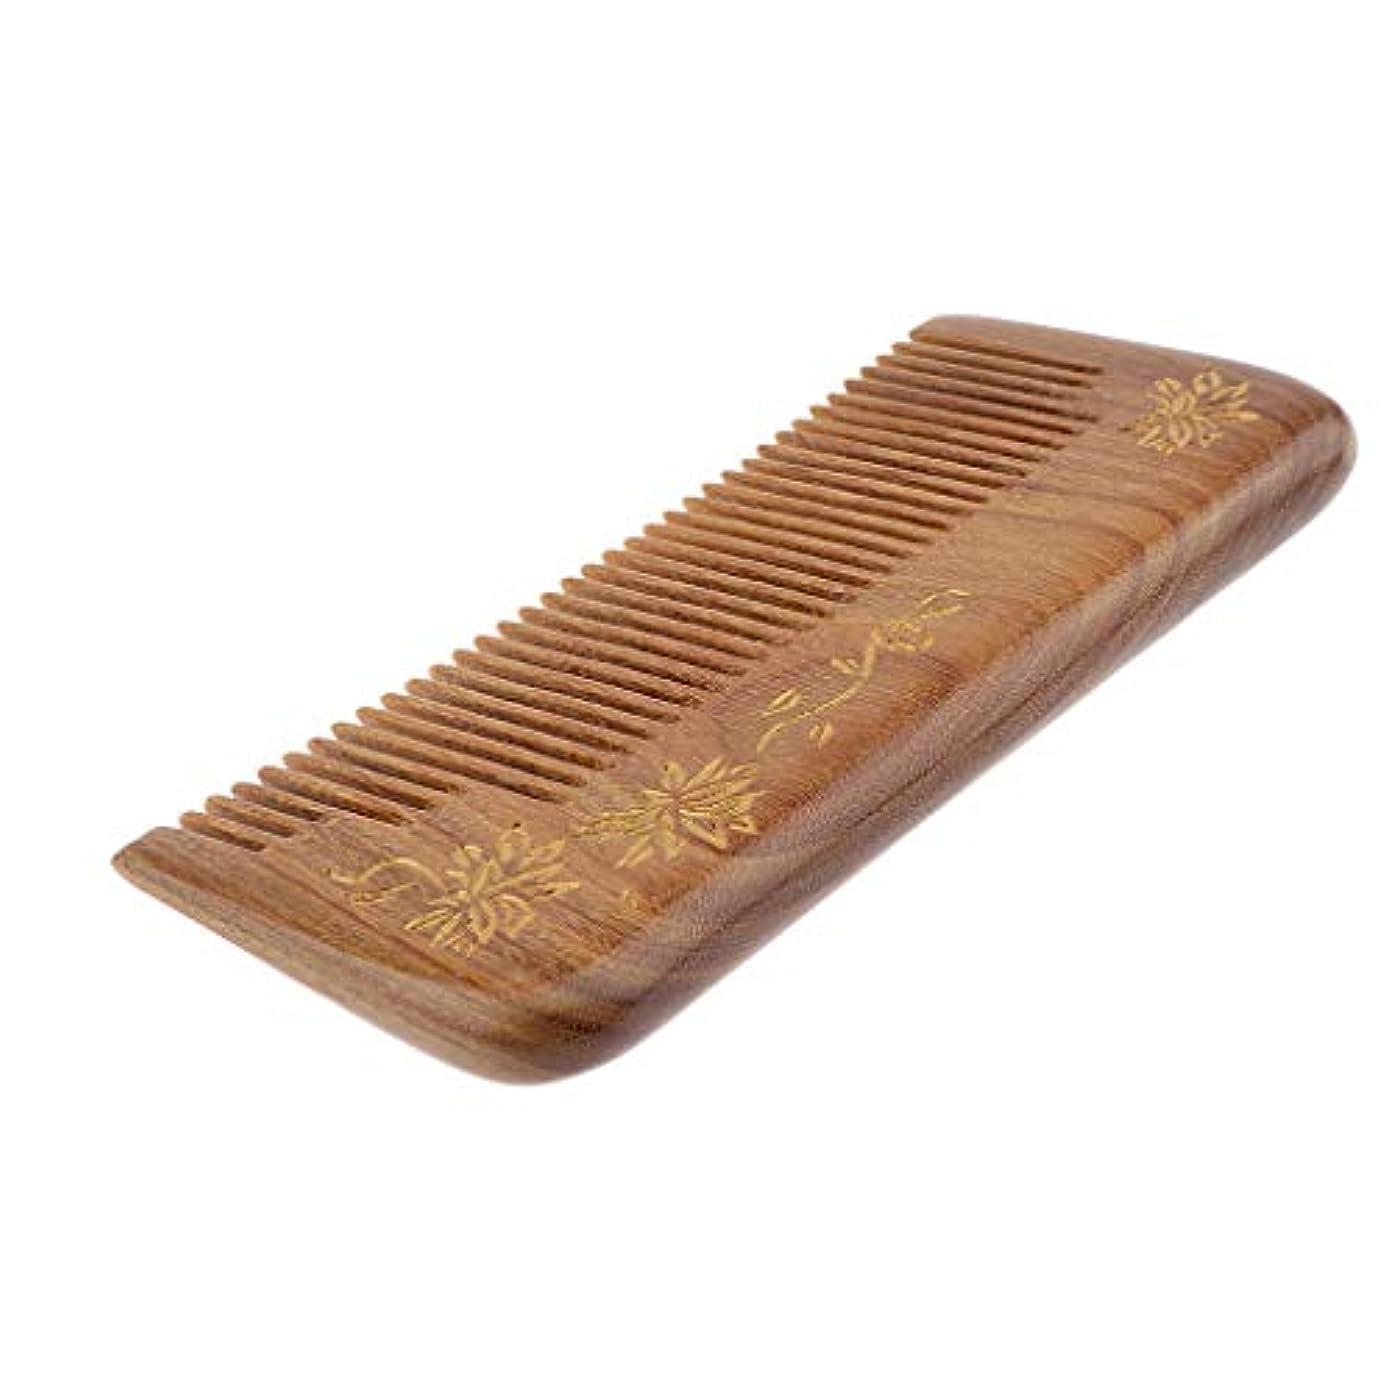 不十分な考え発症帯電防止櫛 ヘアブラシ 木製櫛 広い歯 自然な木 マッサージ櫛 プレゼント 4仕様選べ - #3